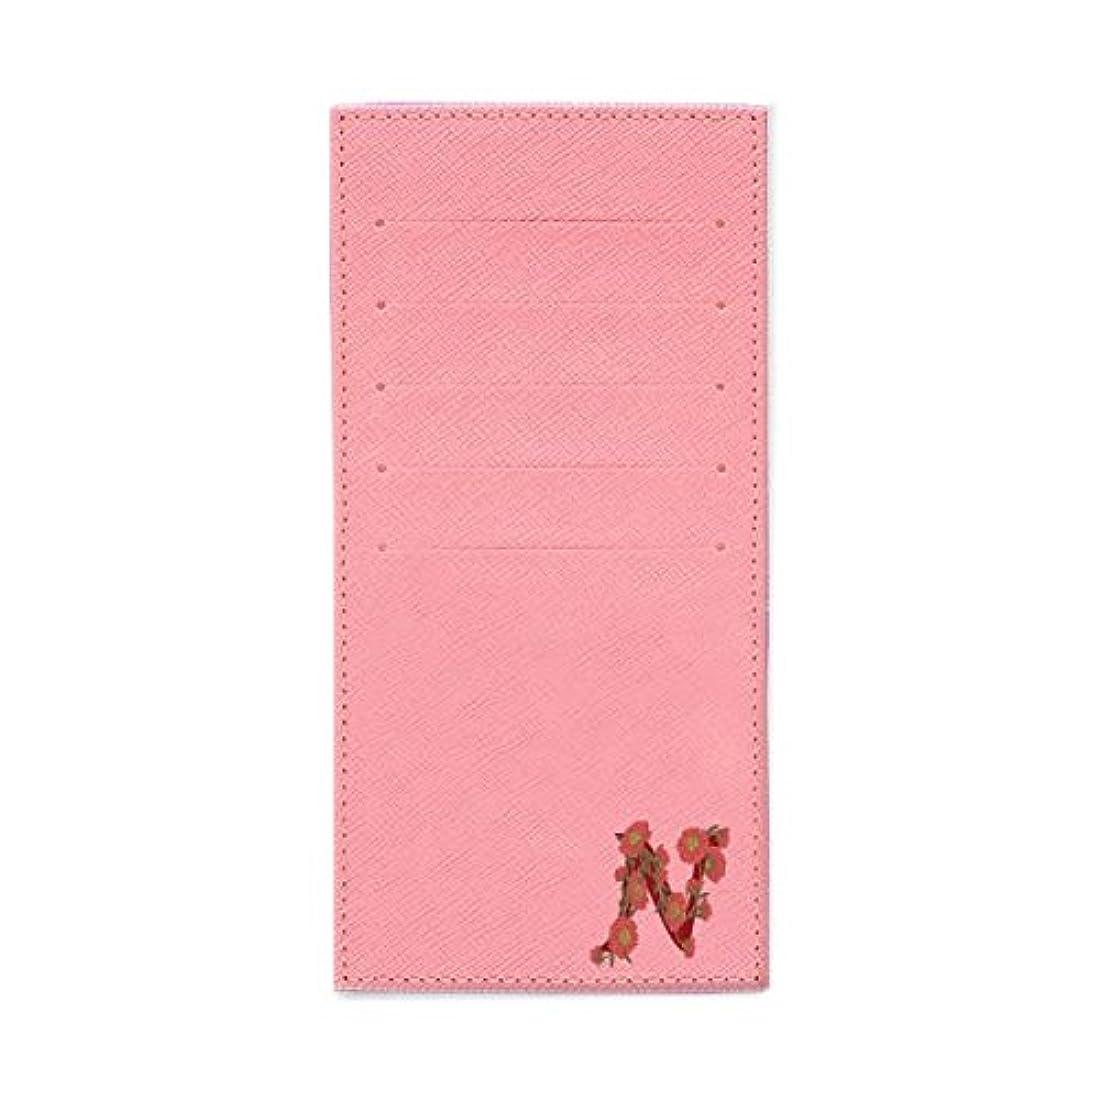 スケジュールクラシカル陽気なインナーカードケース 長財布用カードケース 10枚収納可能 カード入れ 収納 プレゼント ギフト 2802フラワーネーム (N) パウダーピンク mirai